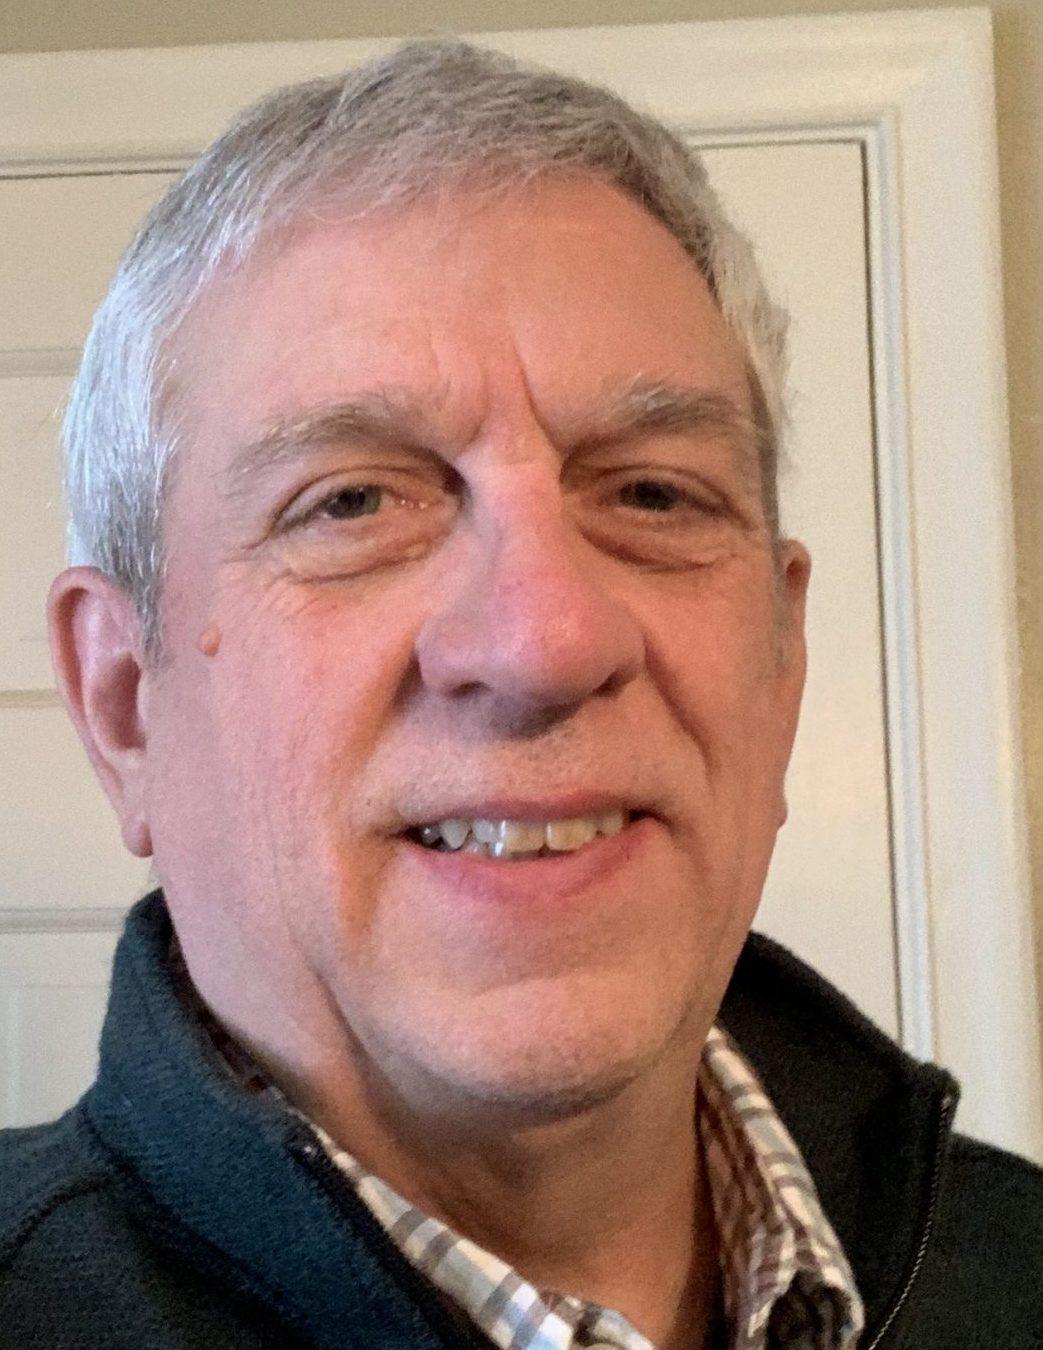 Mark Whittaker Digital Marketer